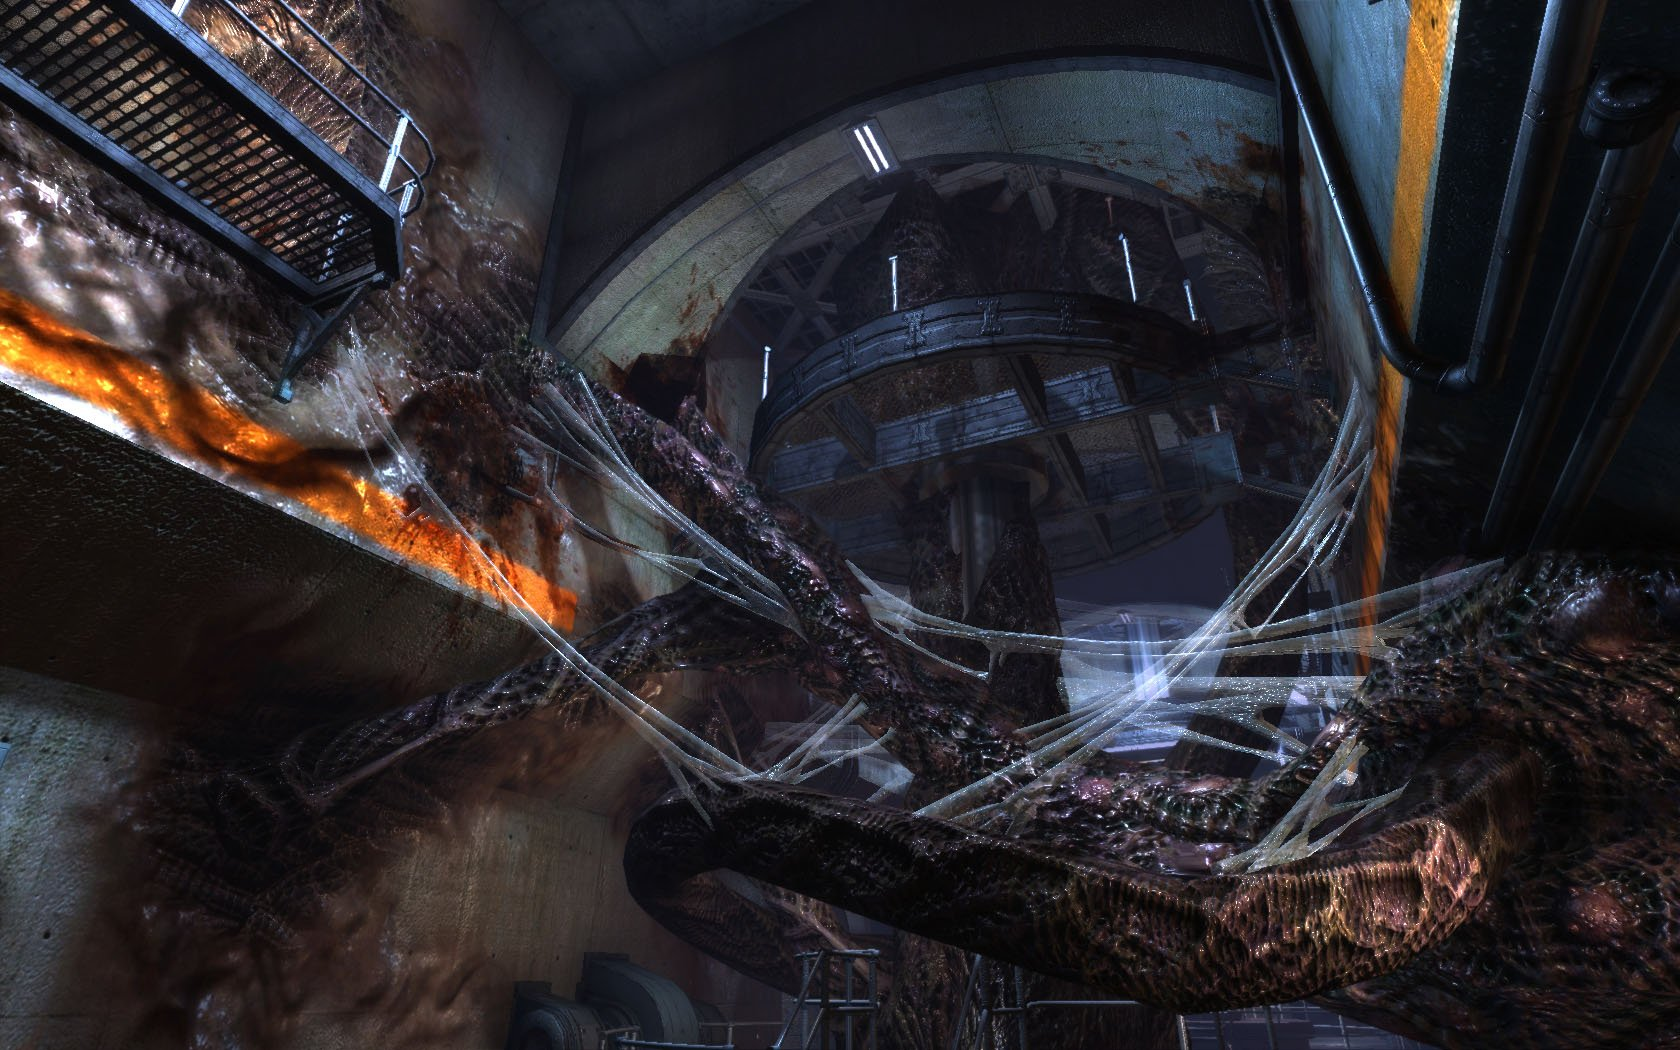 Duke Nukem Forever Screenshots, Concept Art Released #7350